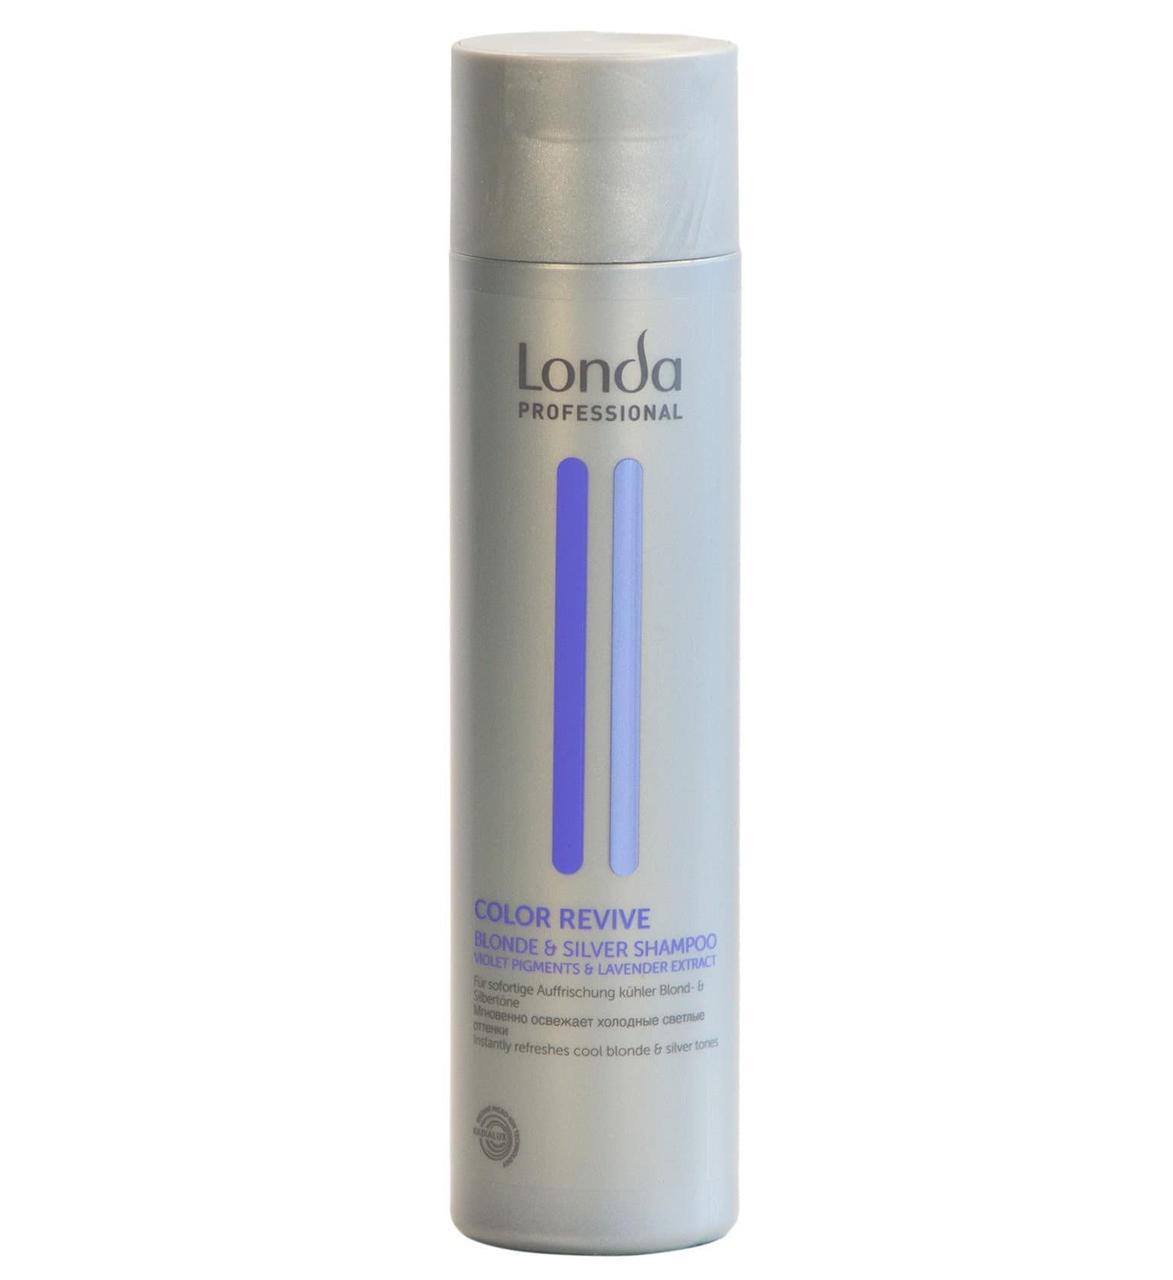 Шампунь для світлих відтінків волосся Londa Professional Color Revive Blond & Silver Shampoo 250 мл